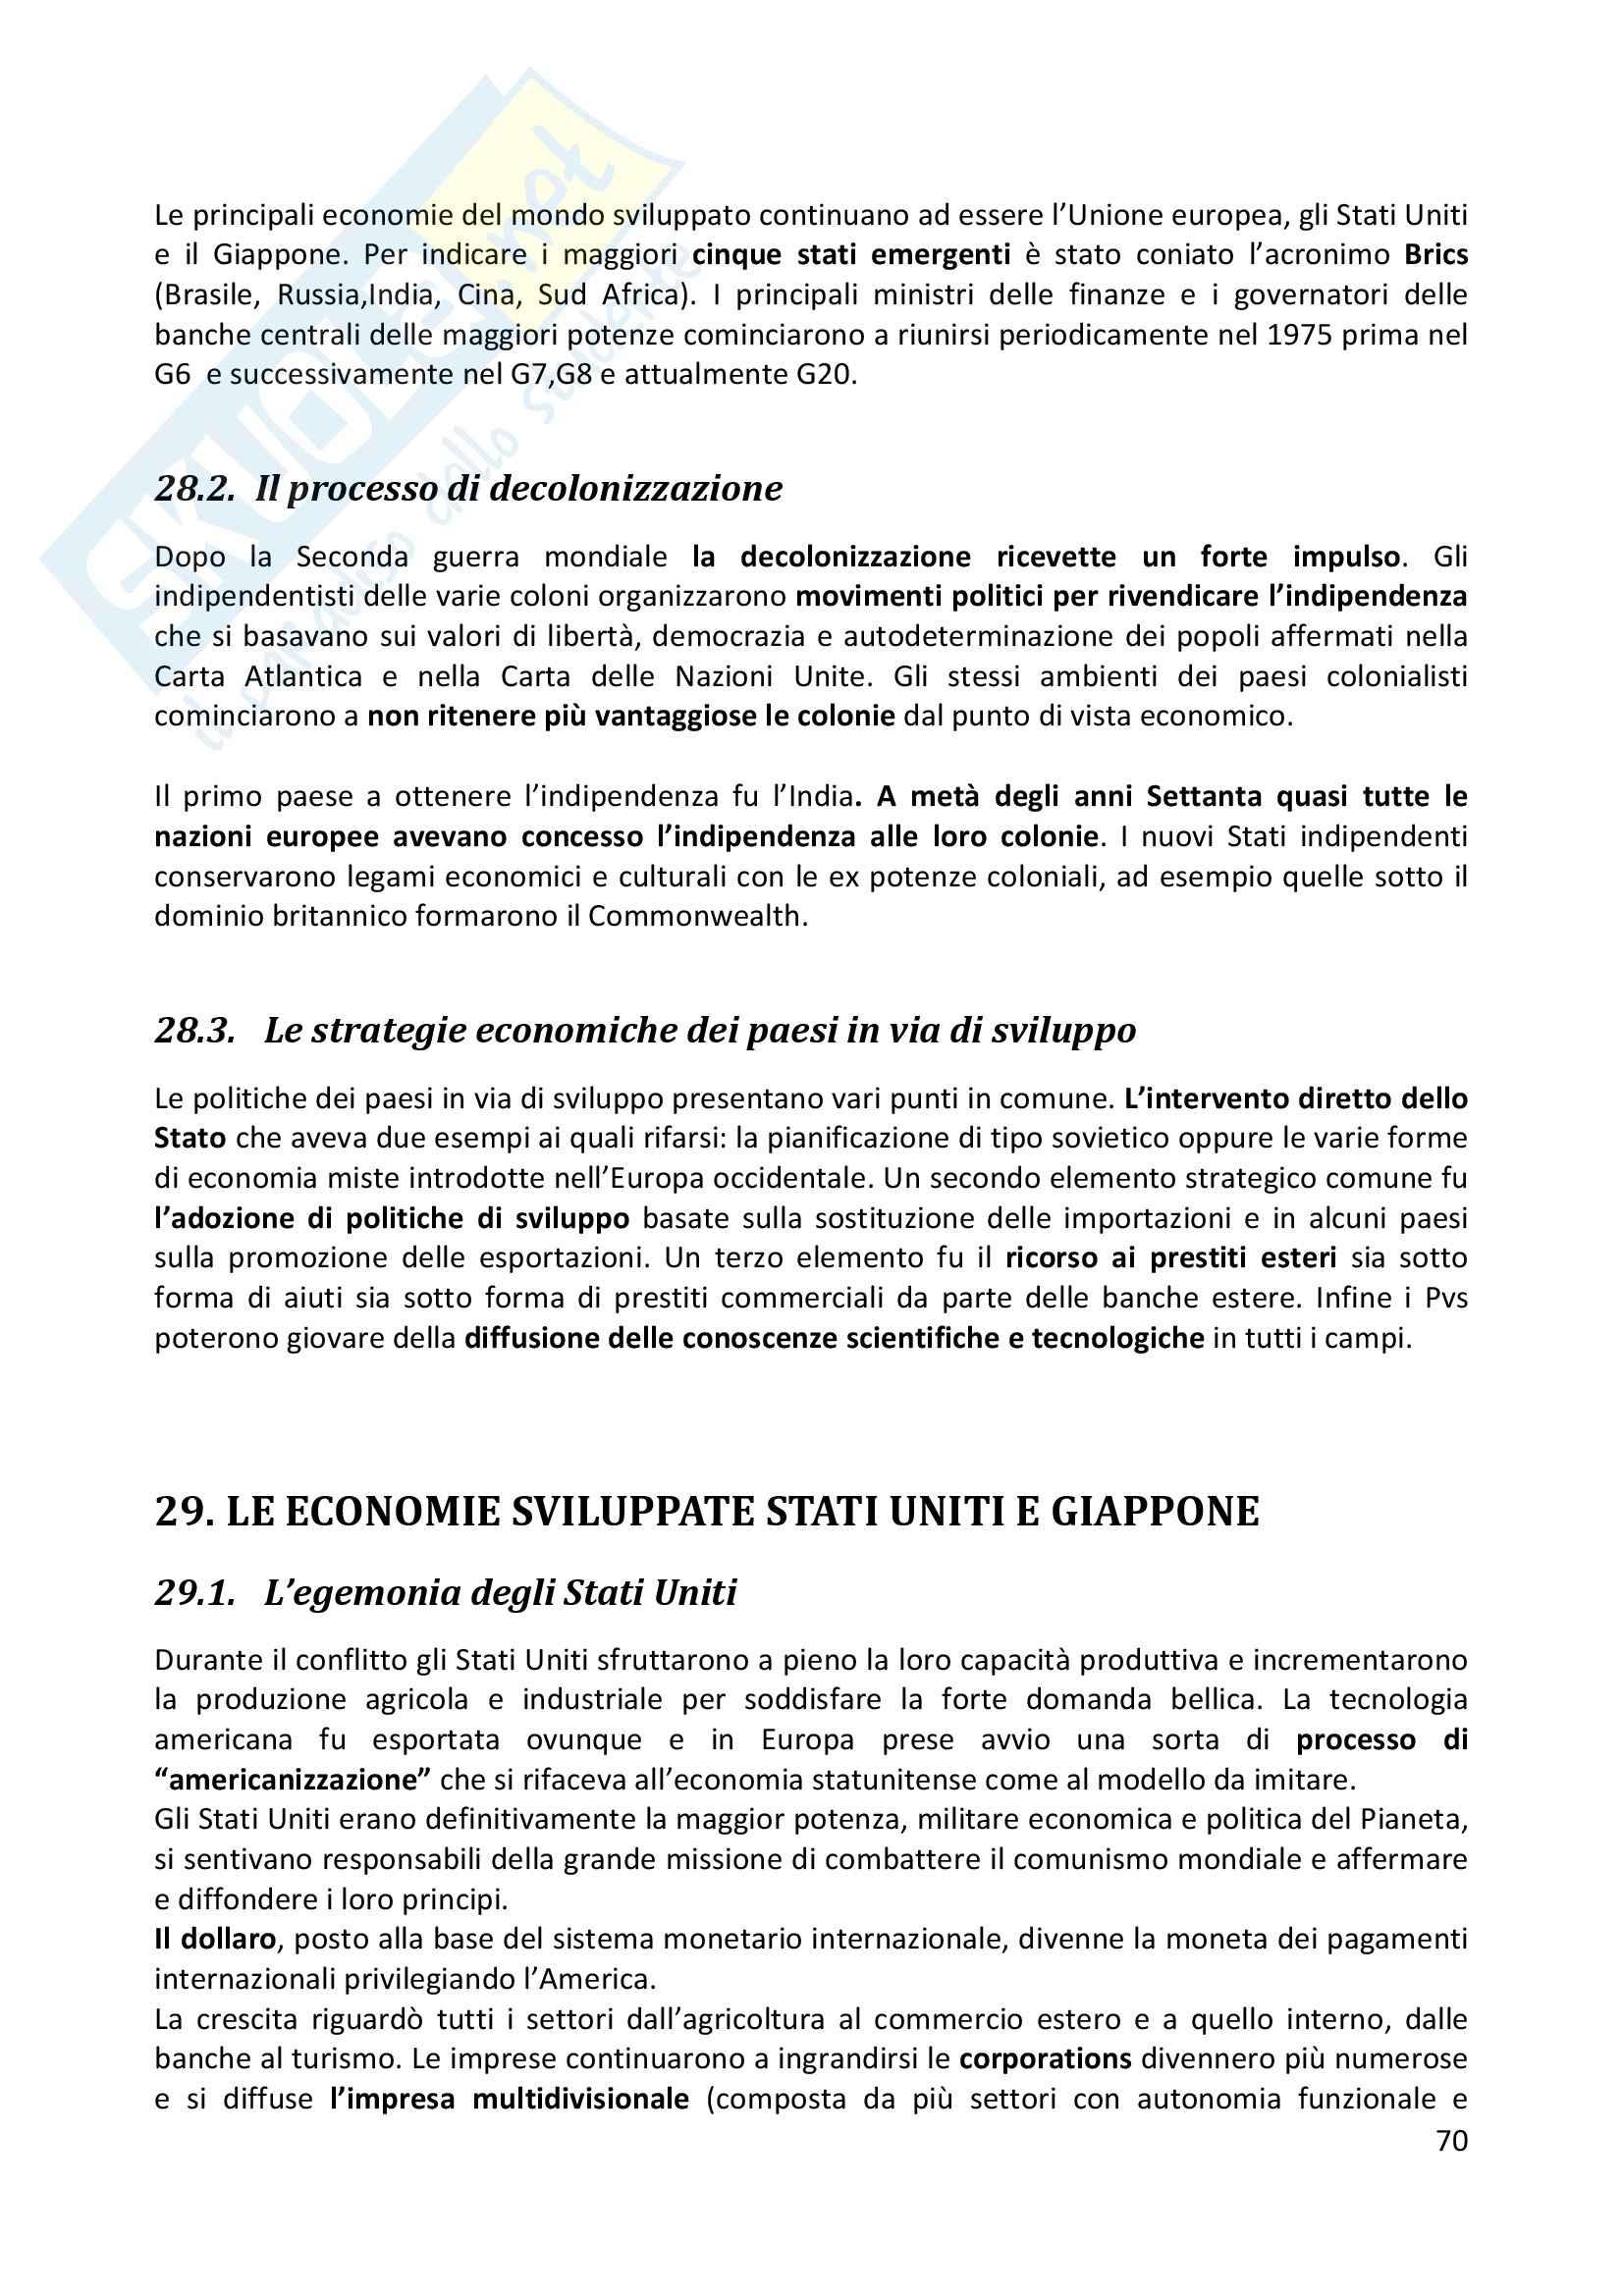 Riassunto esame completo per paragrafi- Storia Economica De Simone, prof. Di Taranto Pag. 71